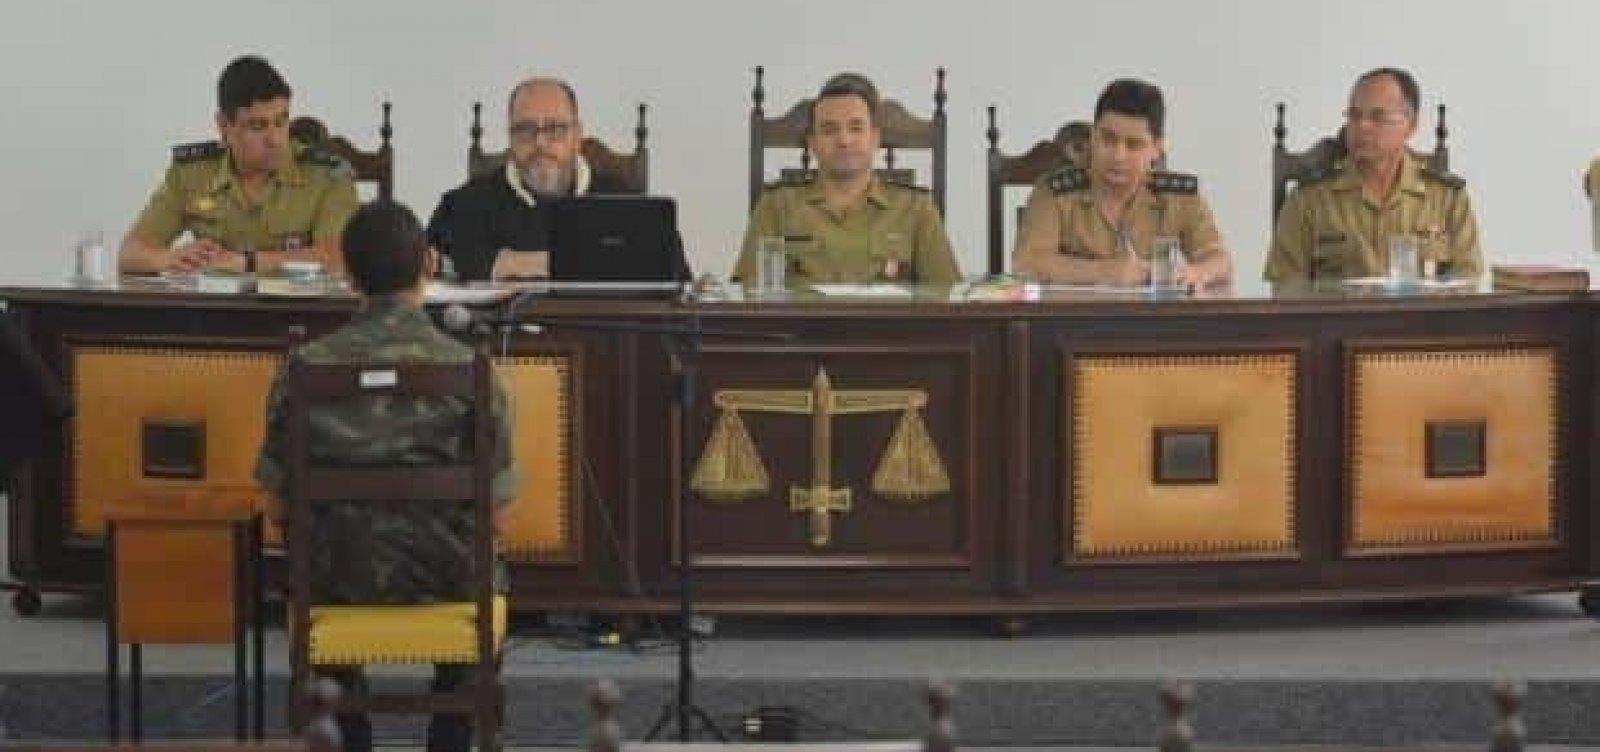 [Militares do Exército são condenados por desvio de R$ 11 milhões]